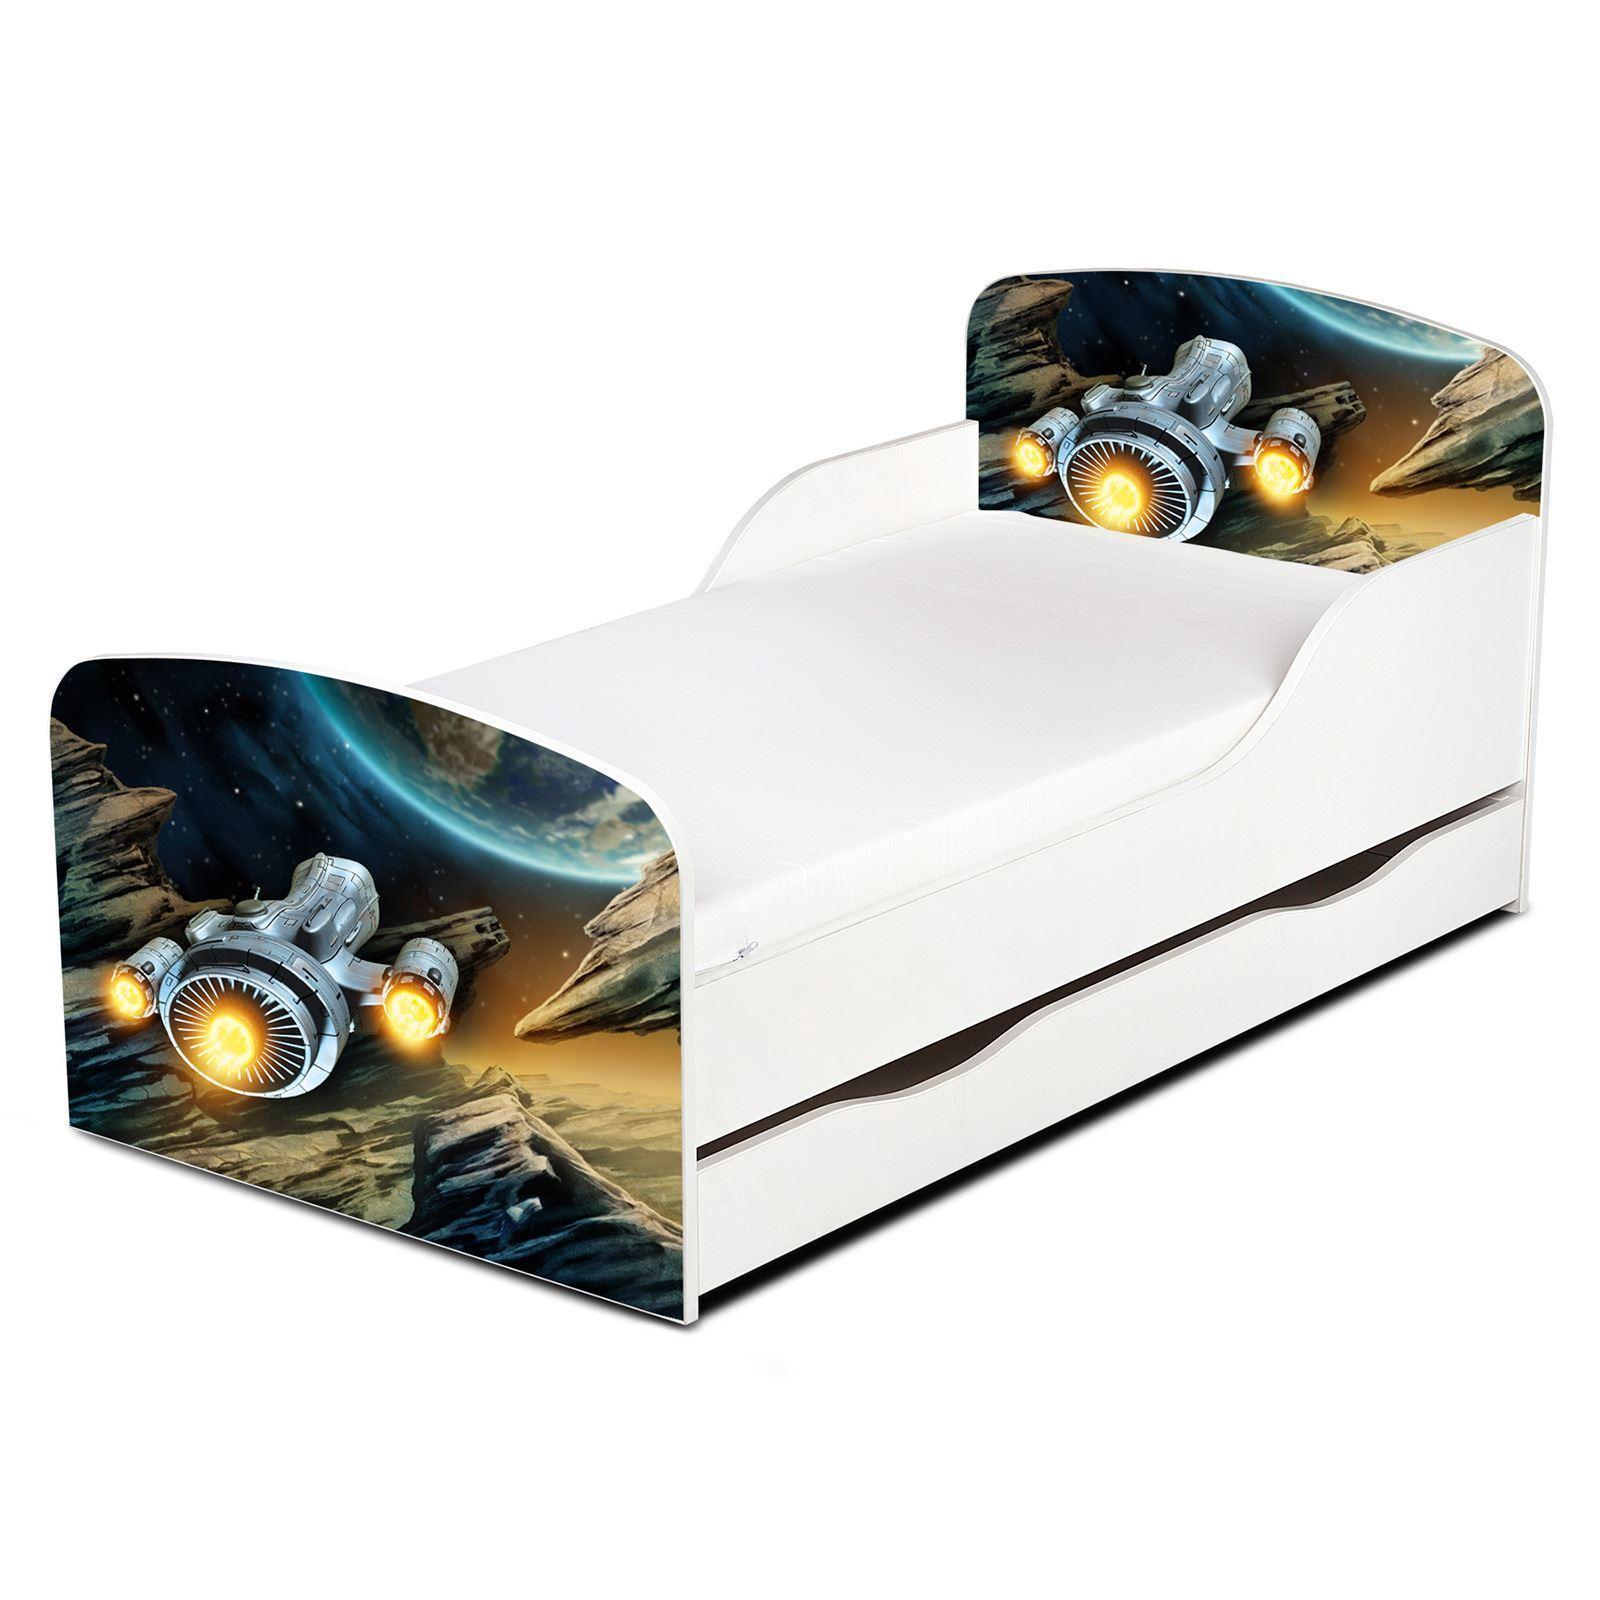 Pricerighthome cama del niño nave espacial con paneles de laterales de paneles protección y almacenamiento de información 605436